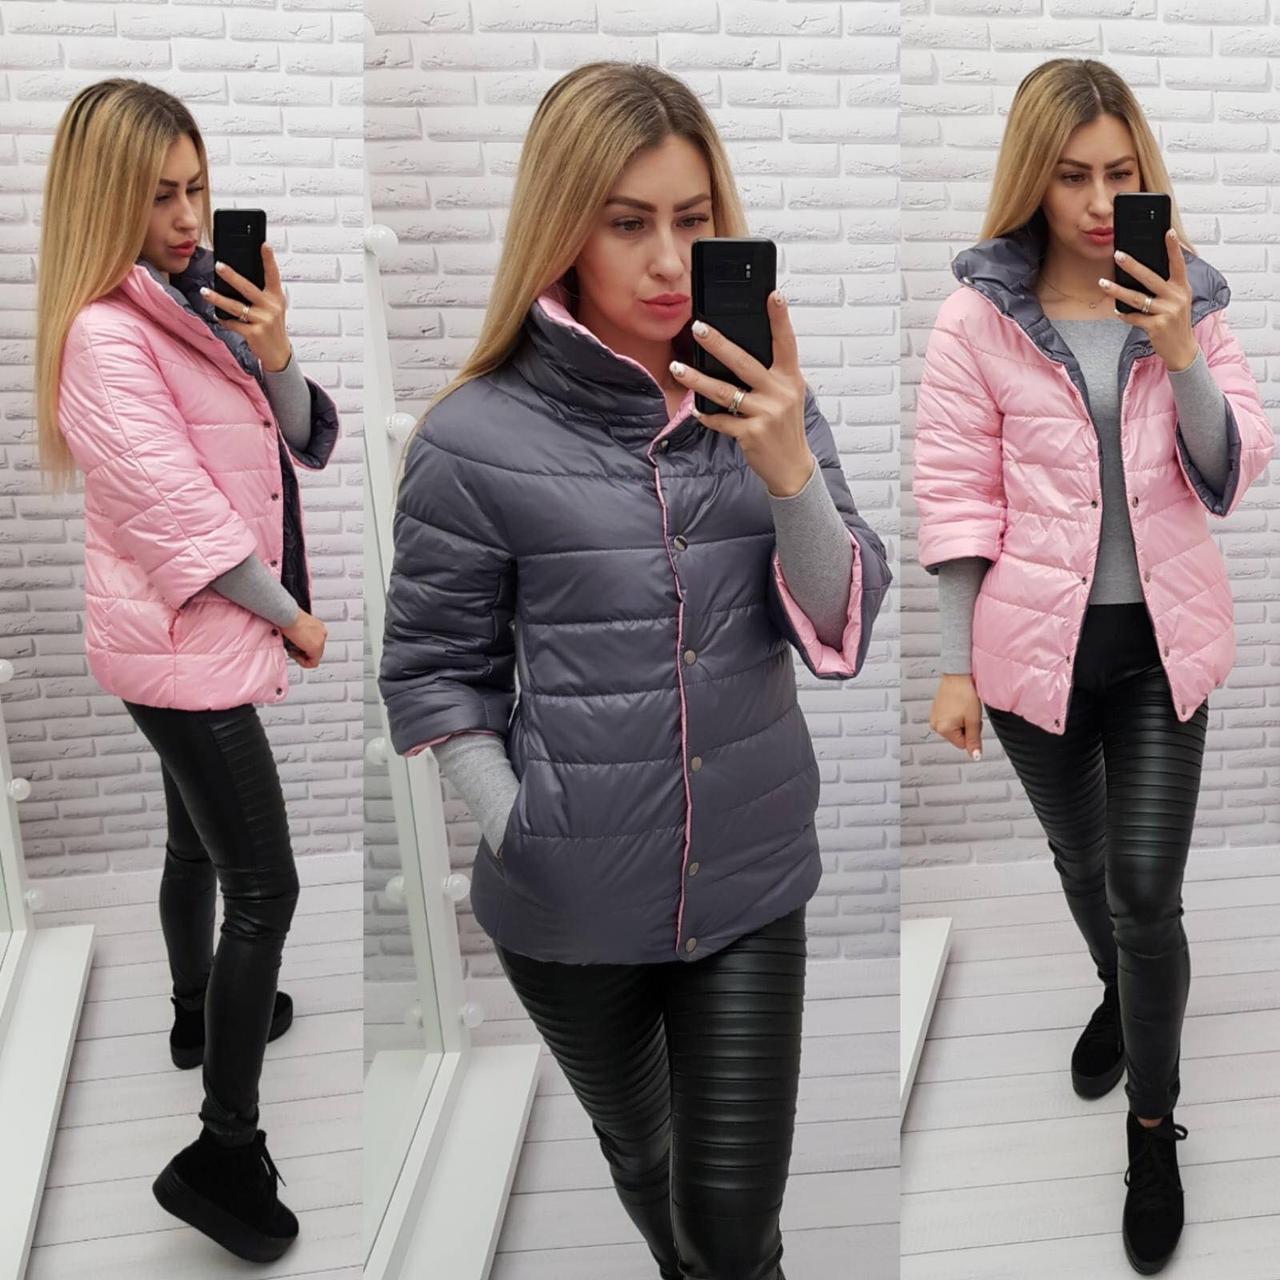 Двусторонняя короткая куртка весна - осень, 2в1 розовый/серый, арт 415